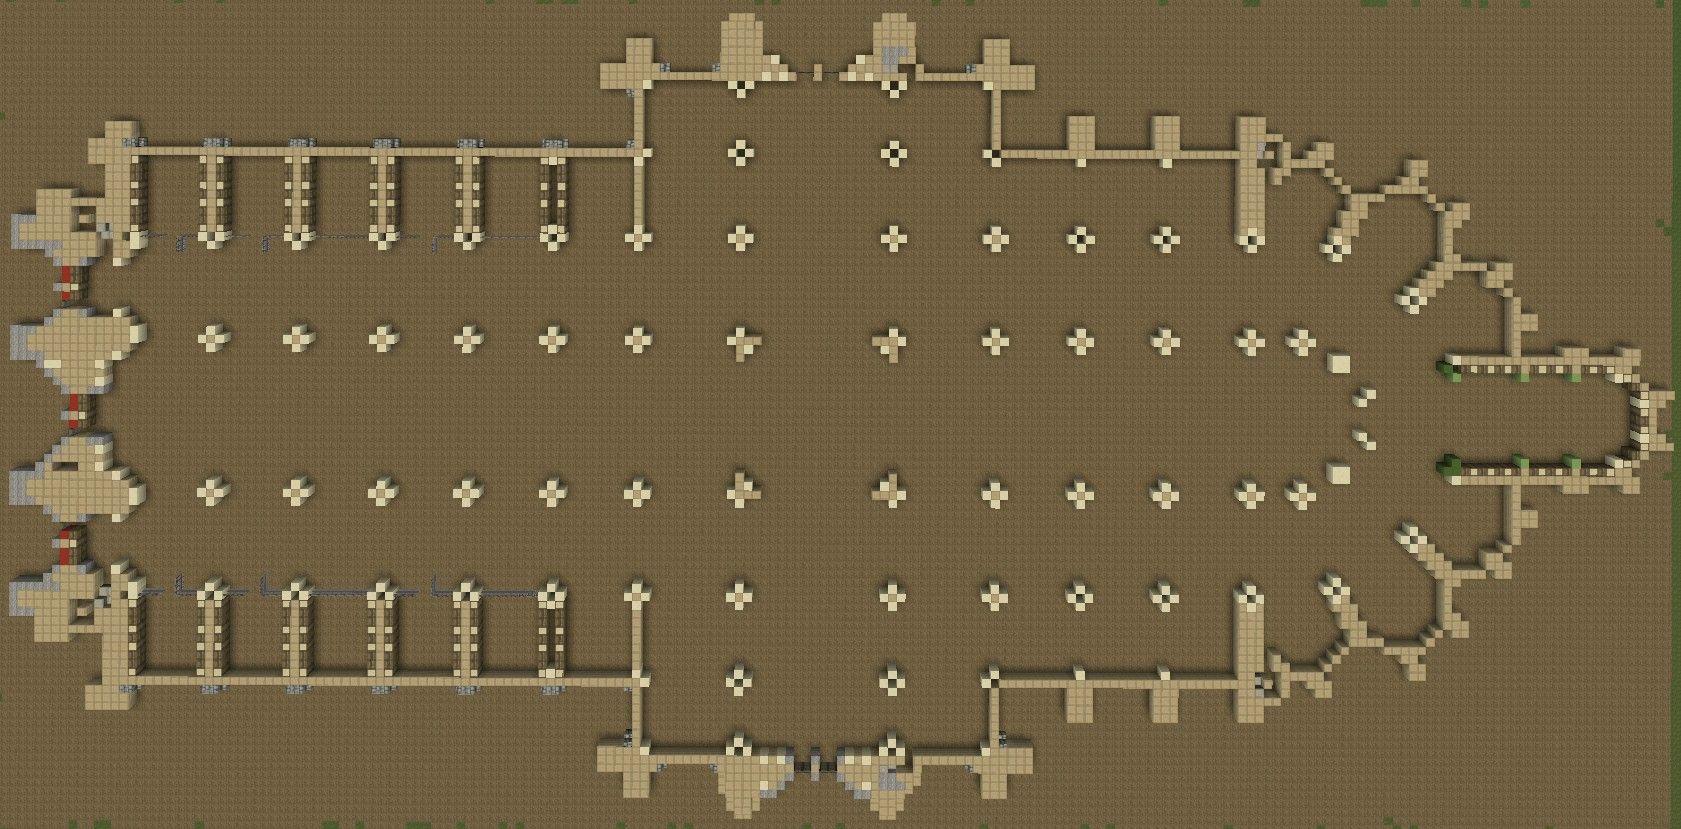 Medieval castle blueprints minecraft for Chateau blueprints